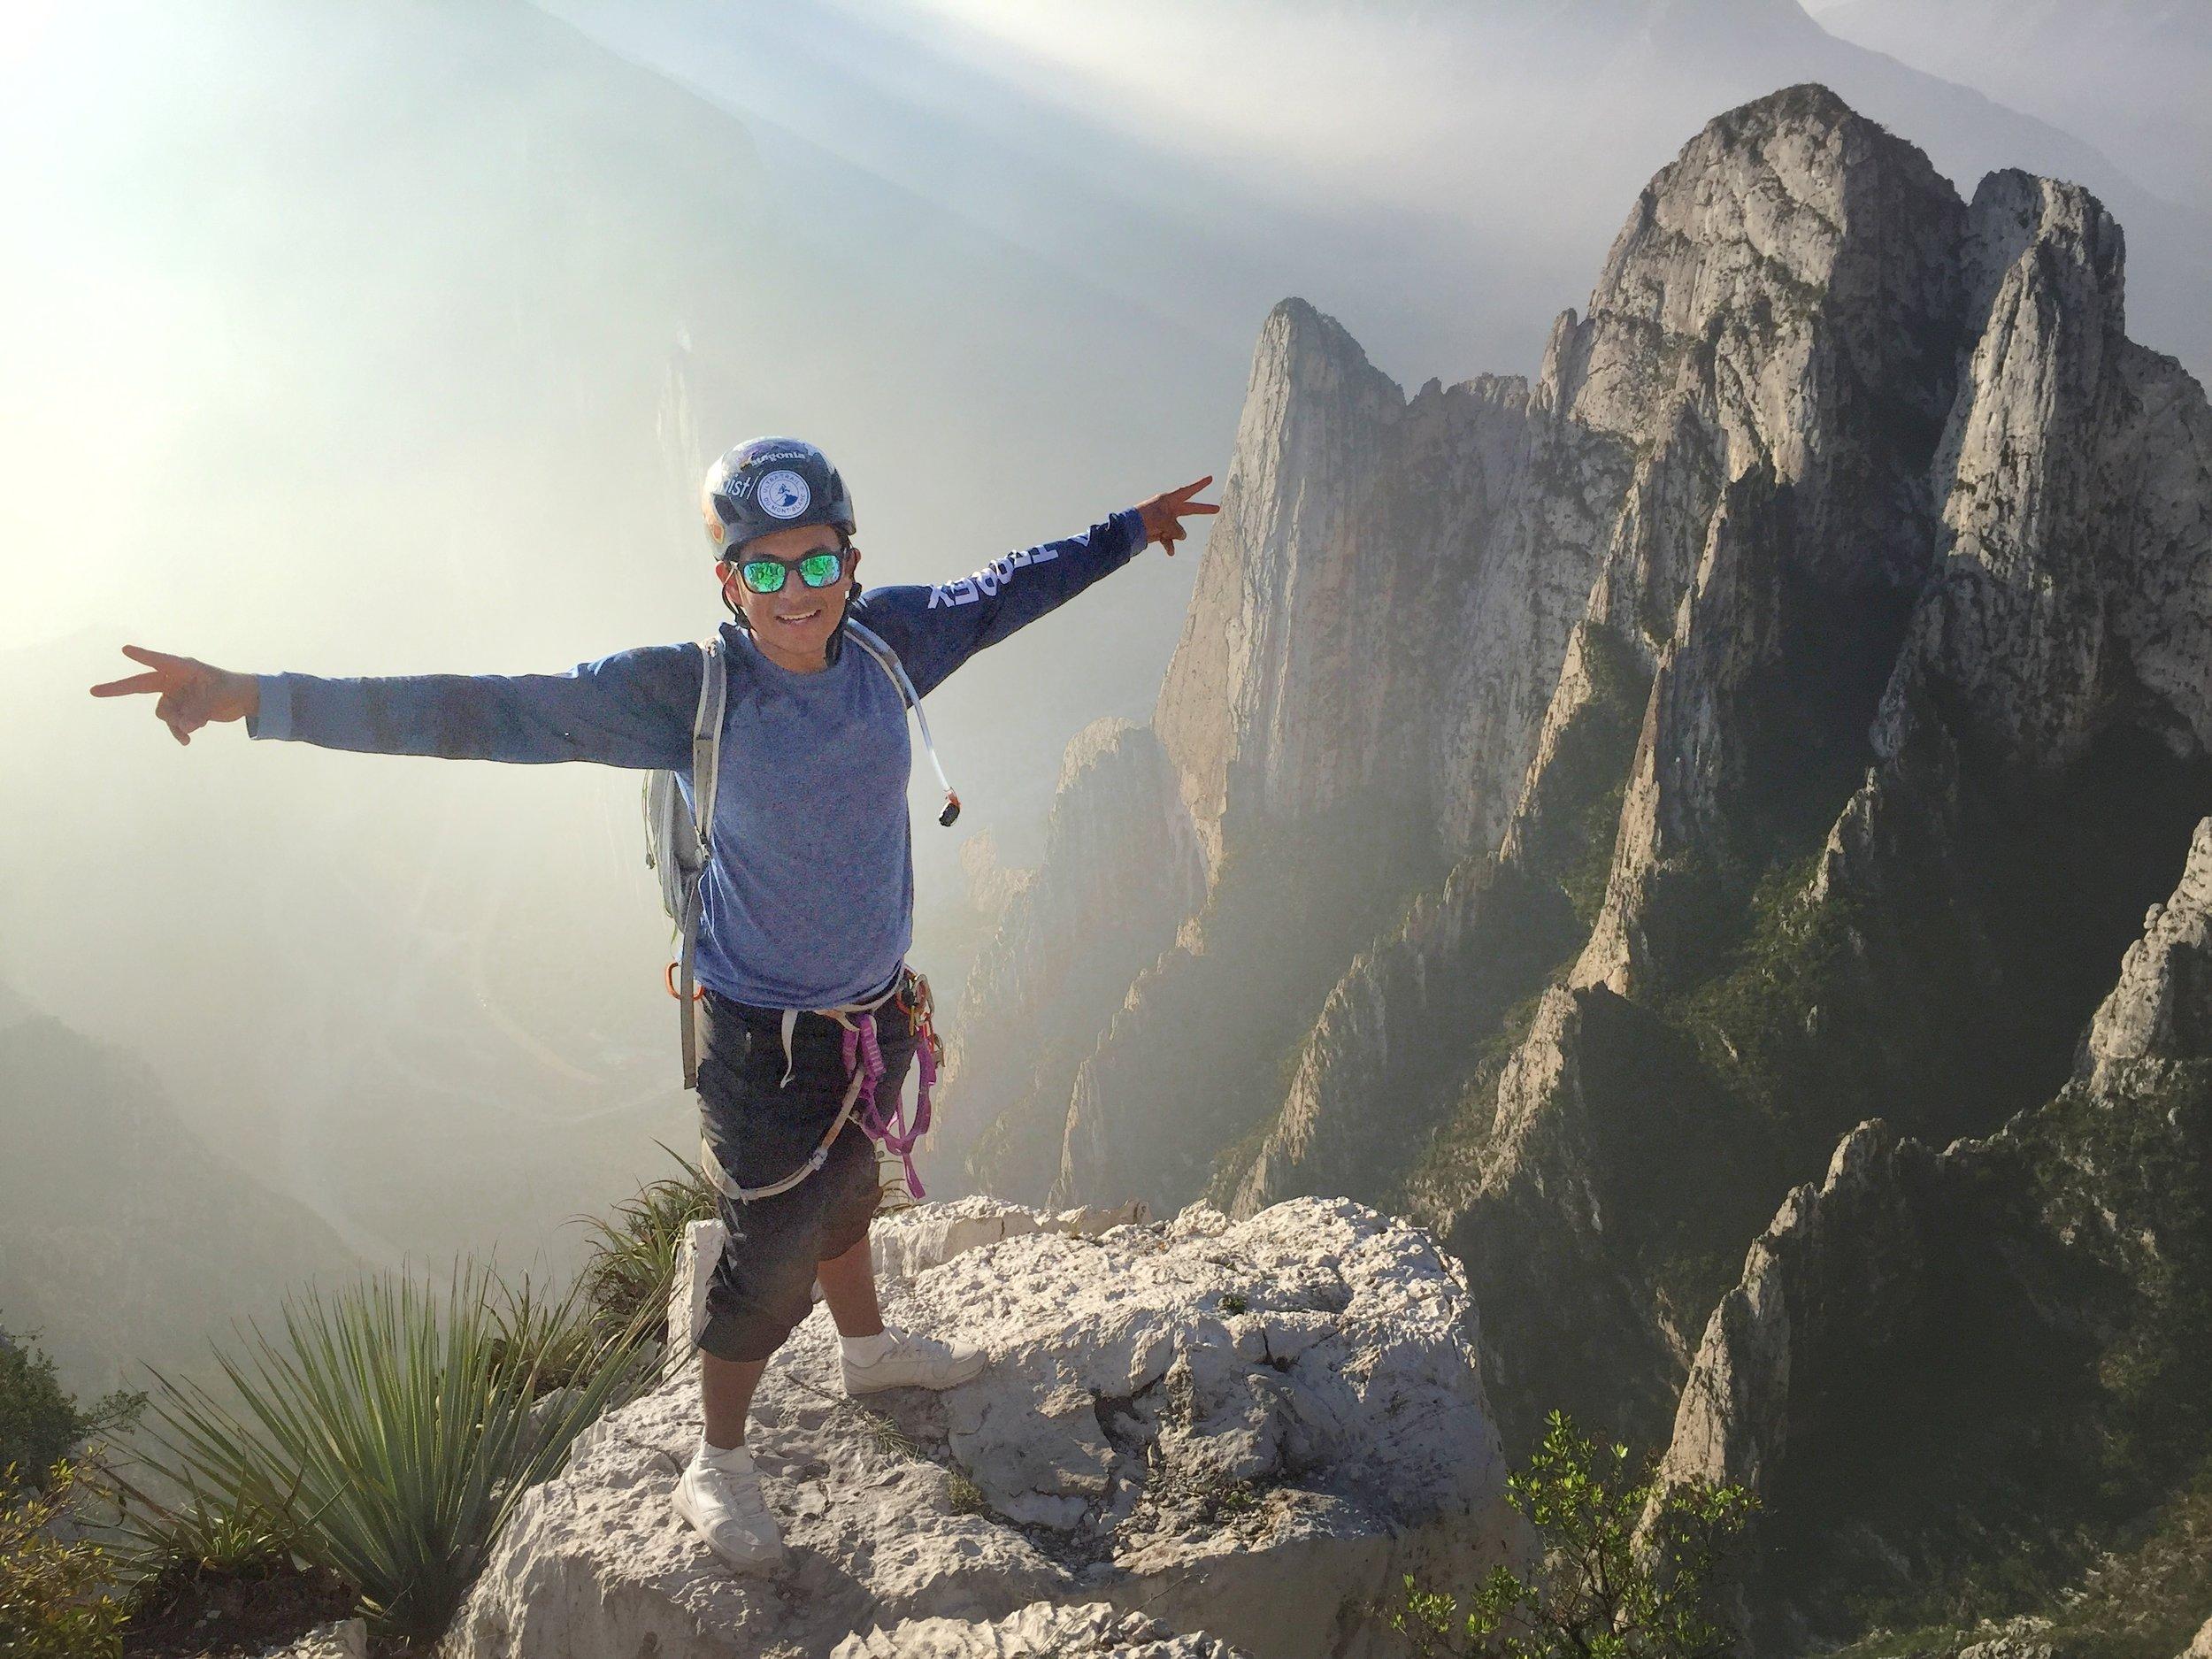 cesar, youth mentor for Escalando Fronteras - www.escalandofronteras.org